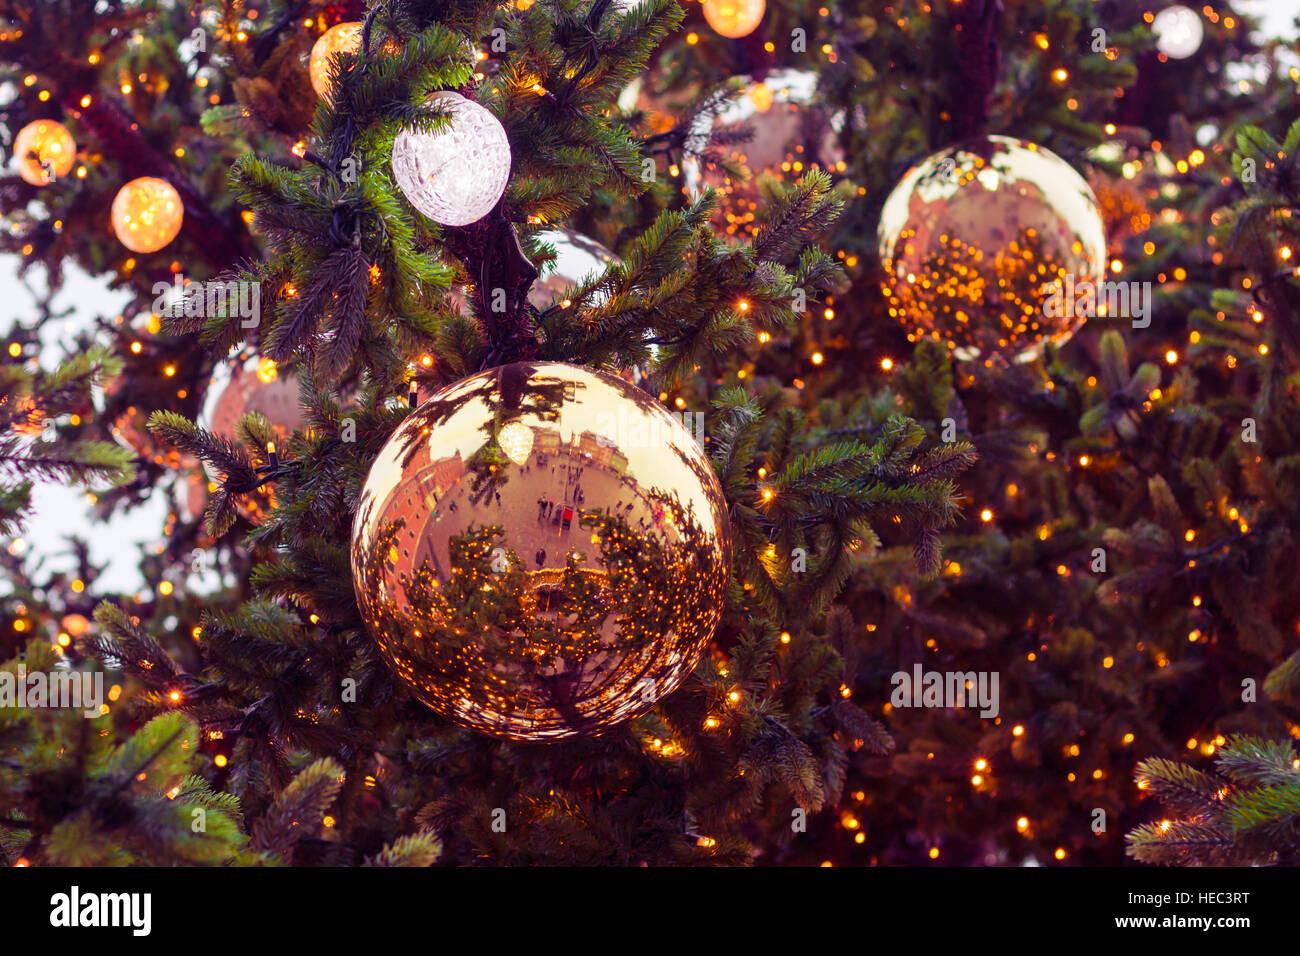 Künstlicher Weihnachtsbaum München Kaufen.Weihnachtskugeln Am Weihnachtsbaum Große Weihnachtskugeln Auf